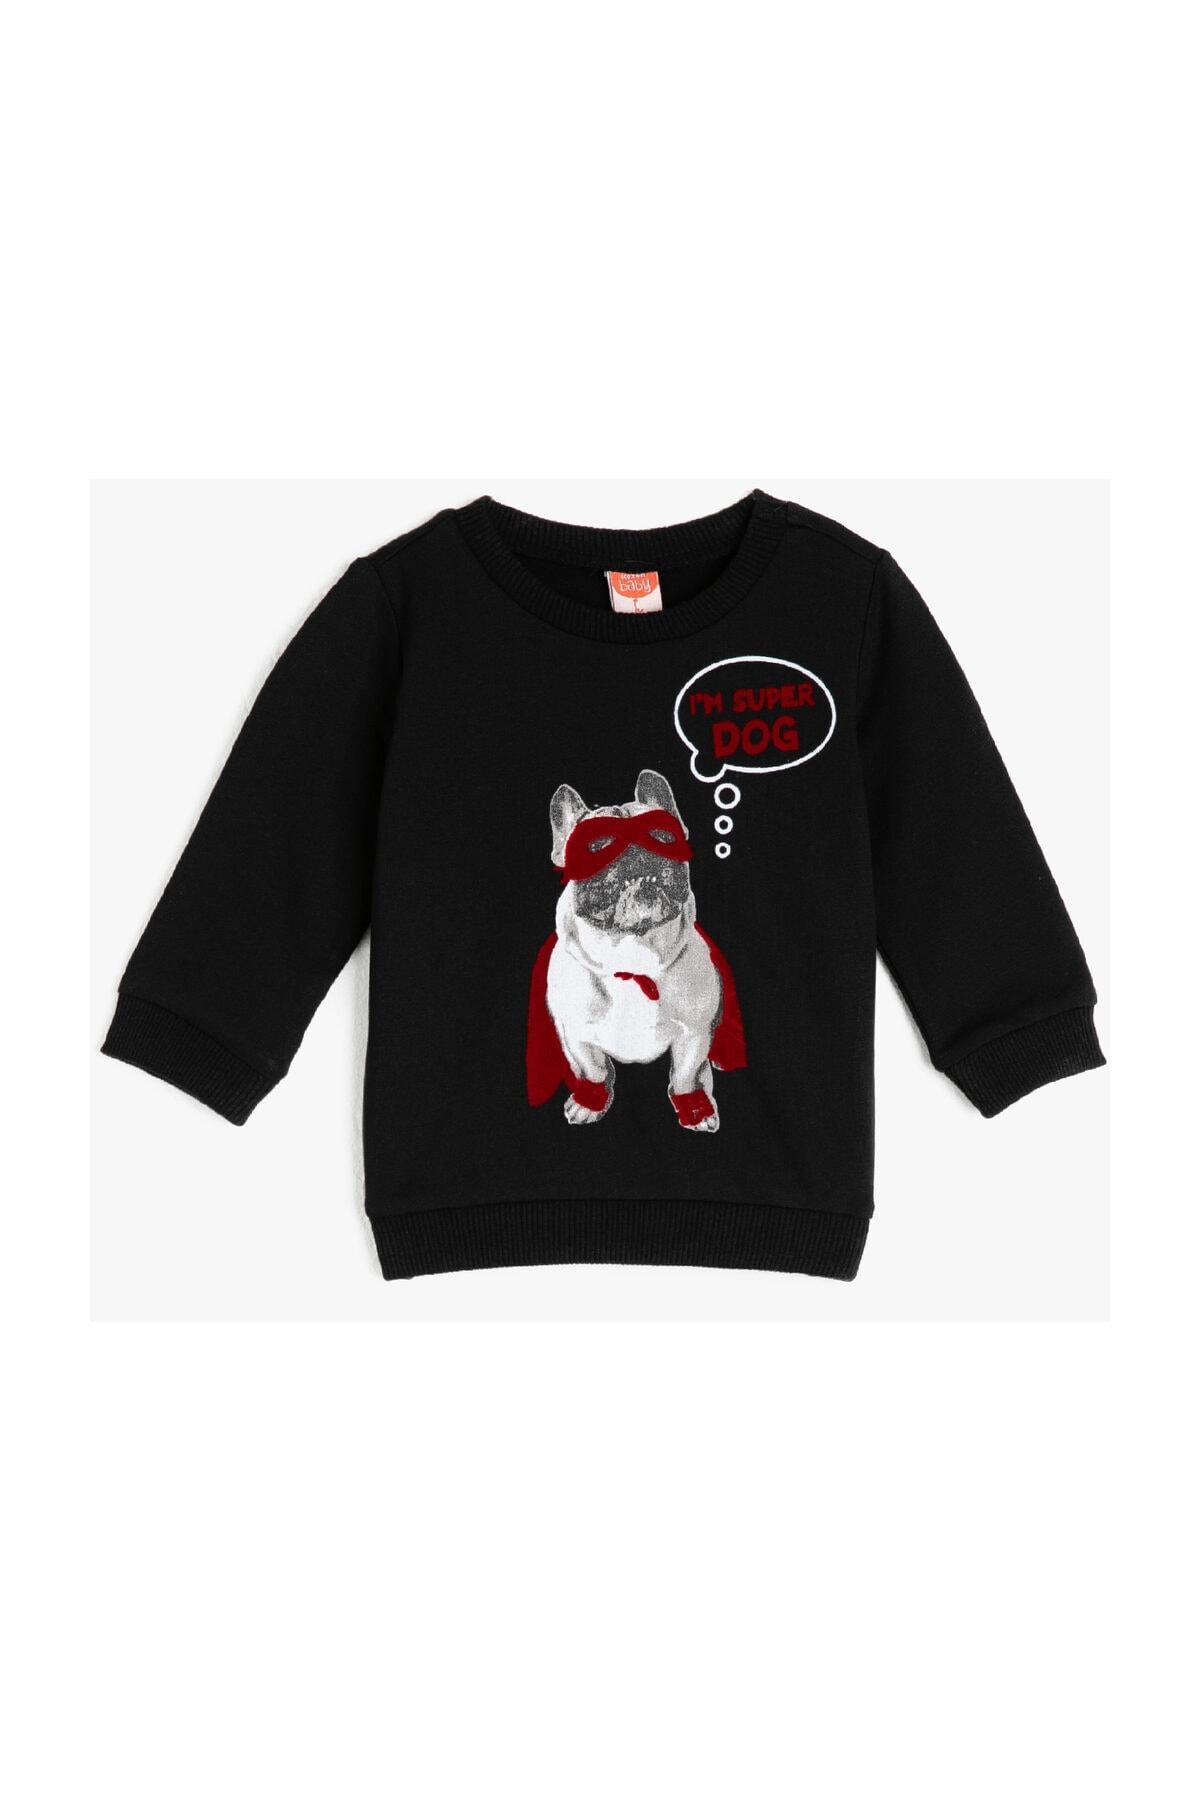 سویشرت نوزاد پسر فروش برند Koton Kids رنگ مشکی کد ty36510512